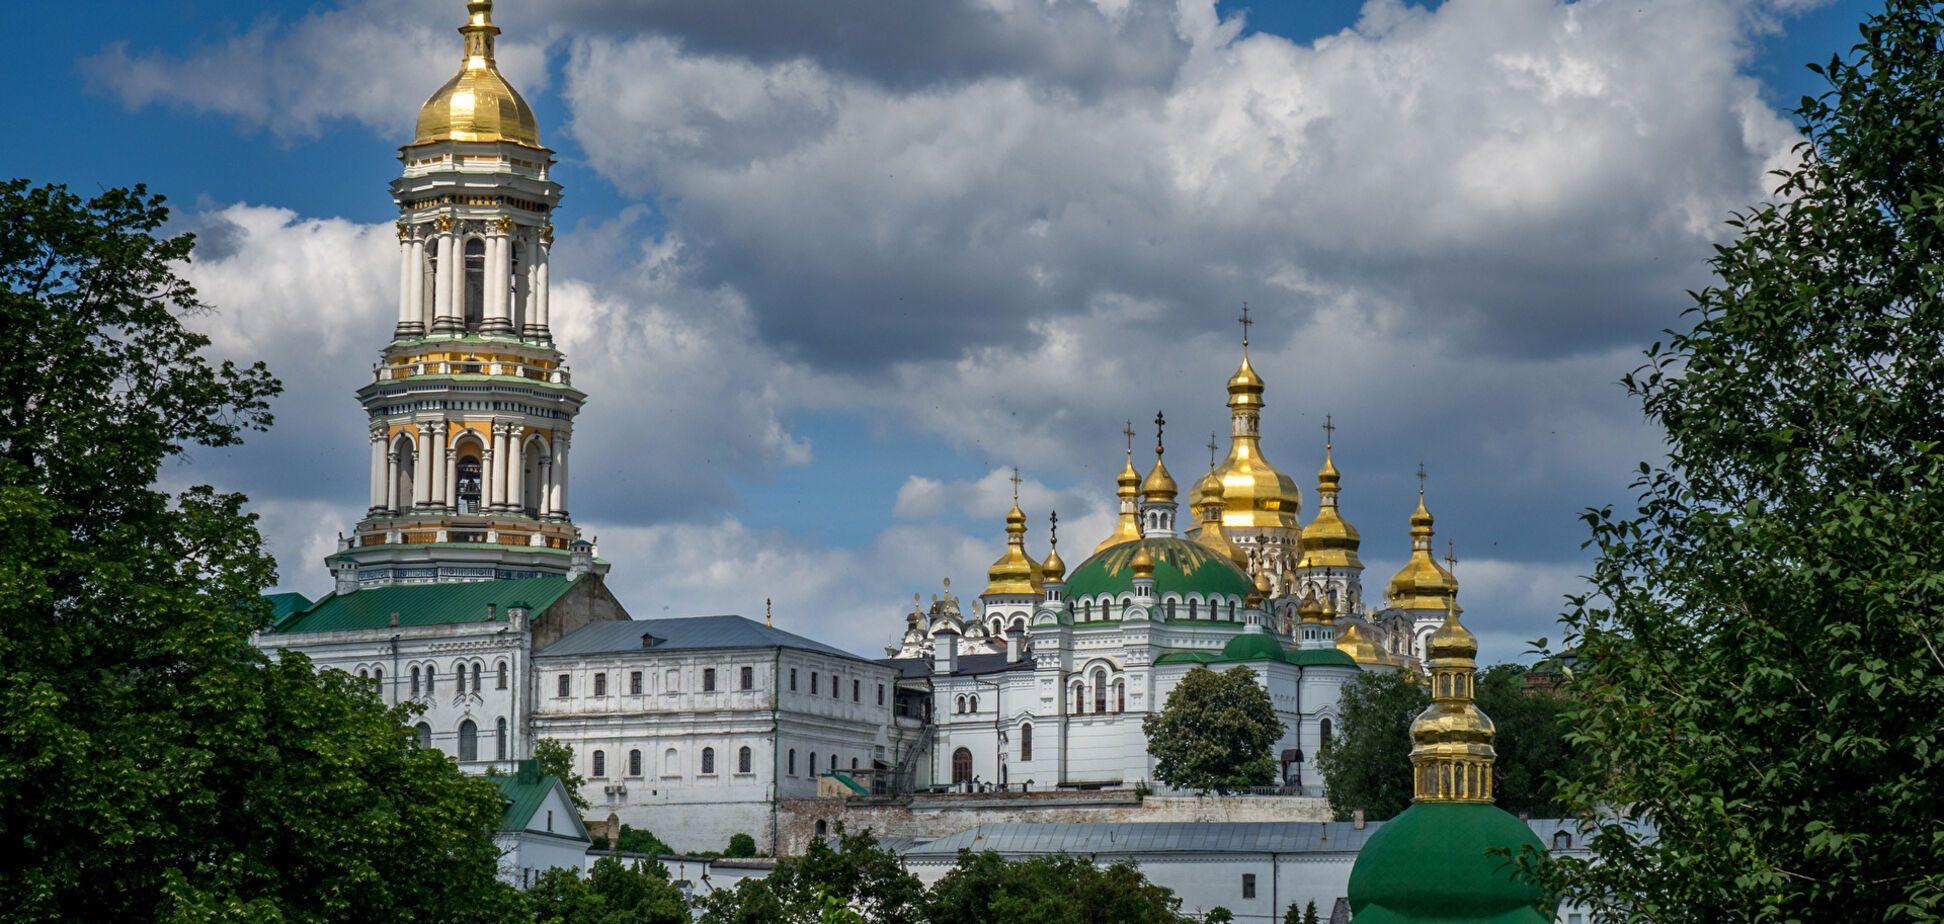 Церковний переділ в Україні: чиновник прояснив долю храмів і лавр